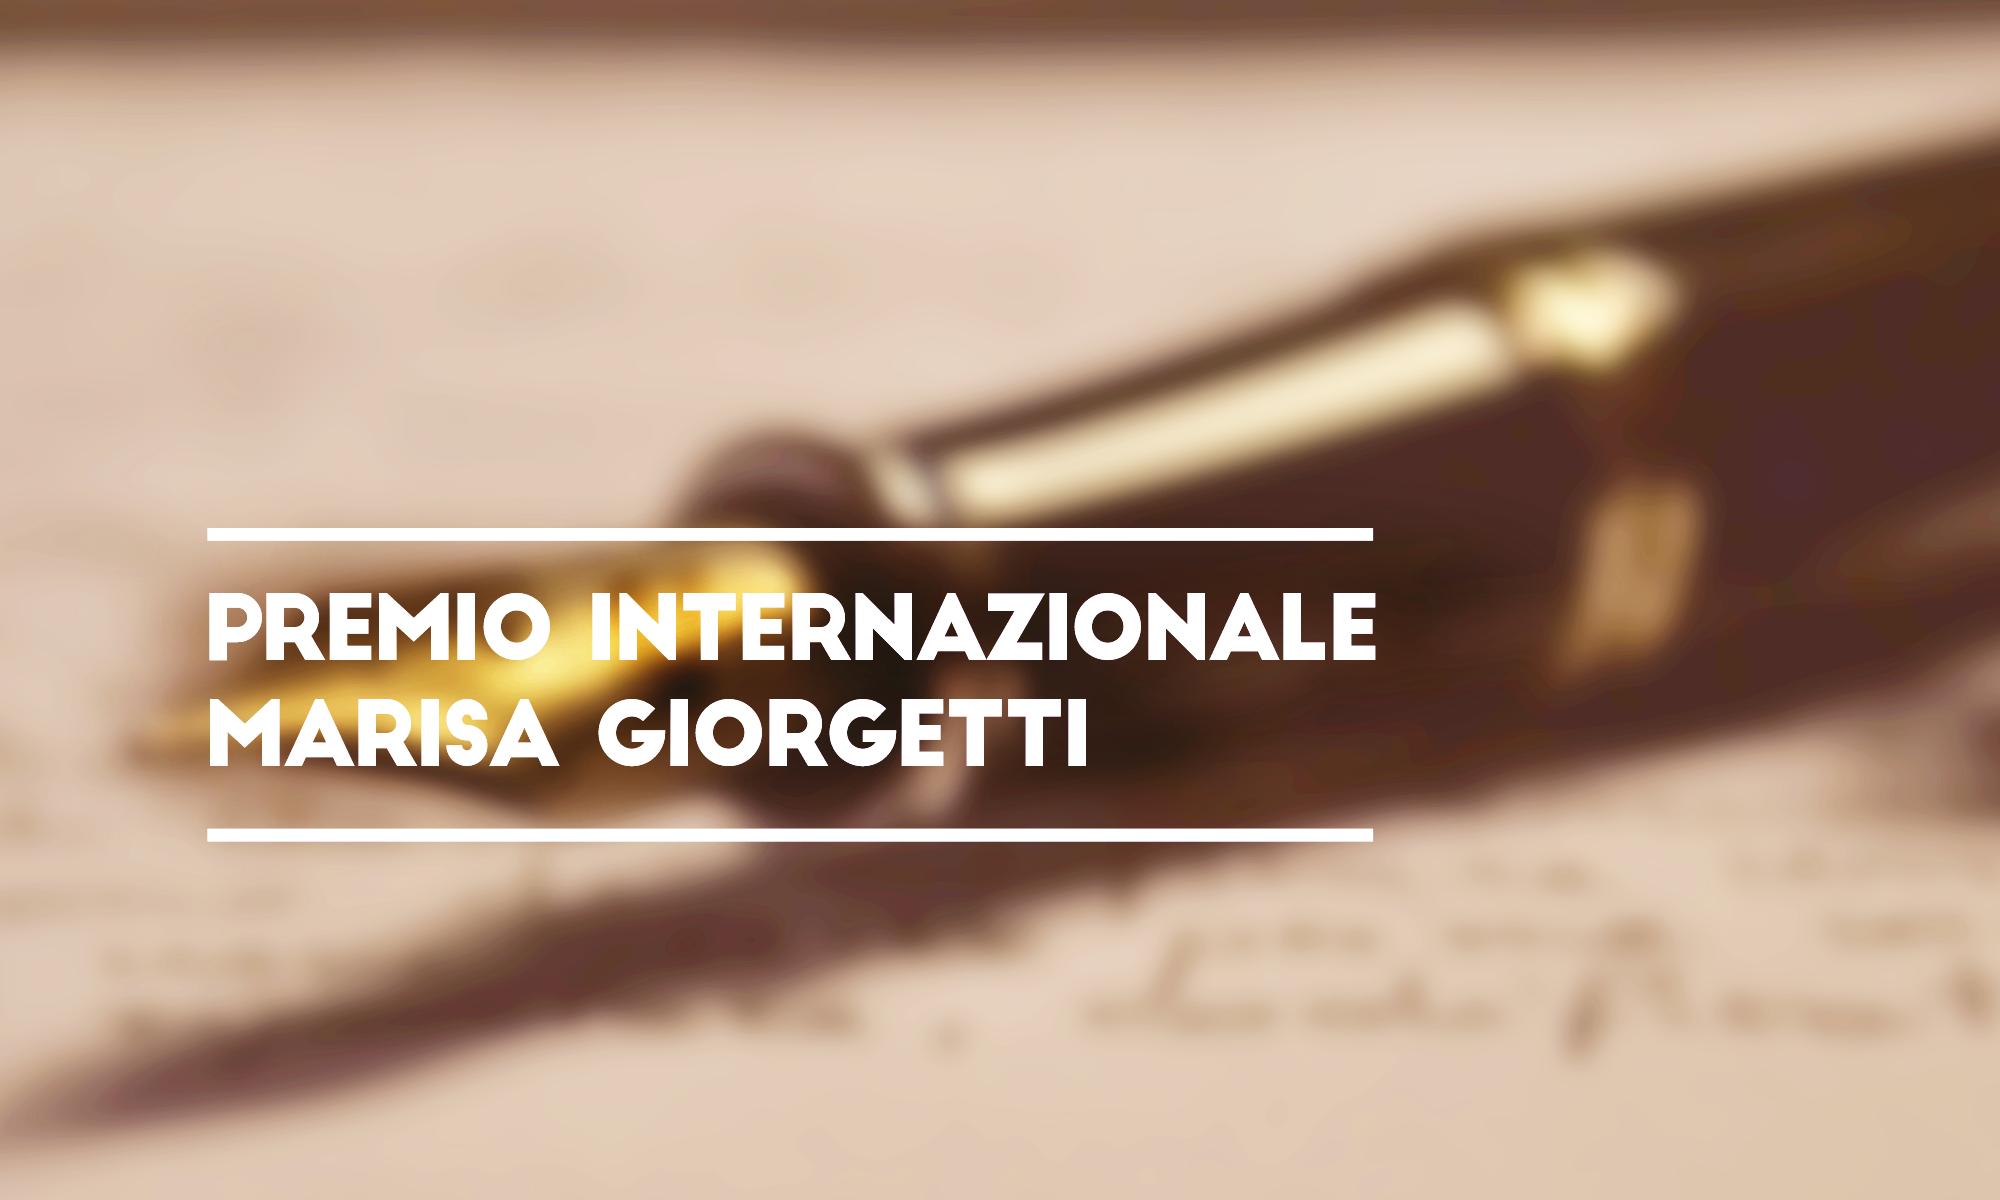 Premio Internazionale Marisa Giorgetti